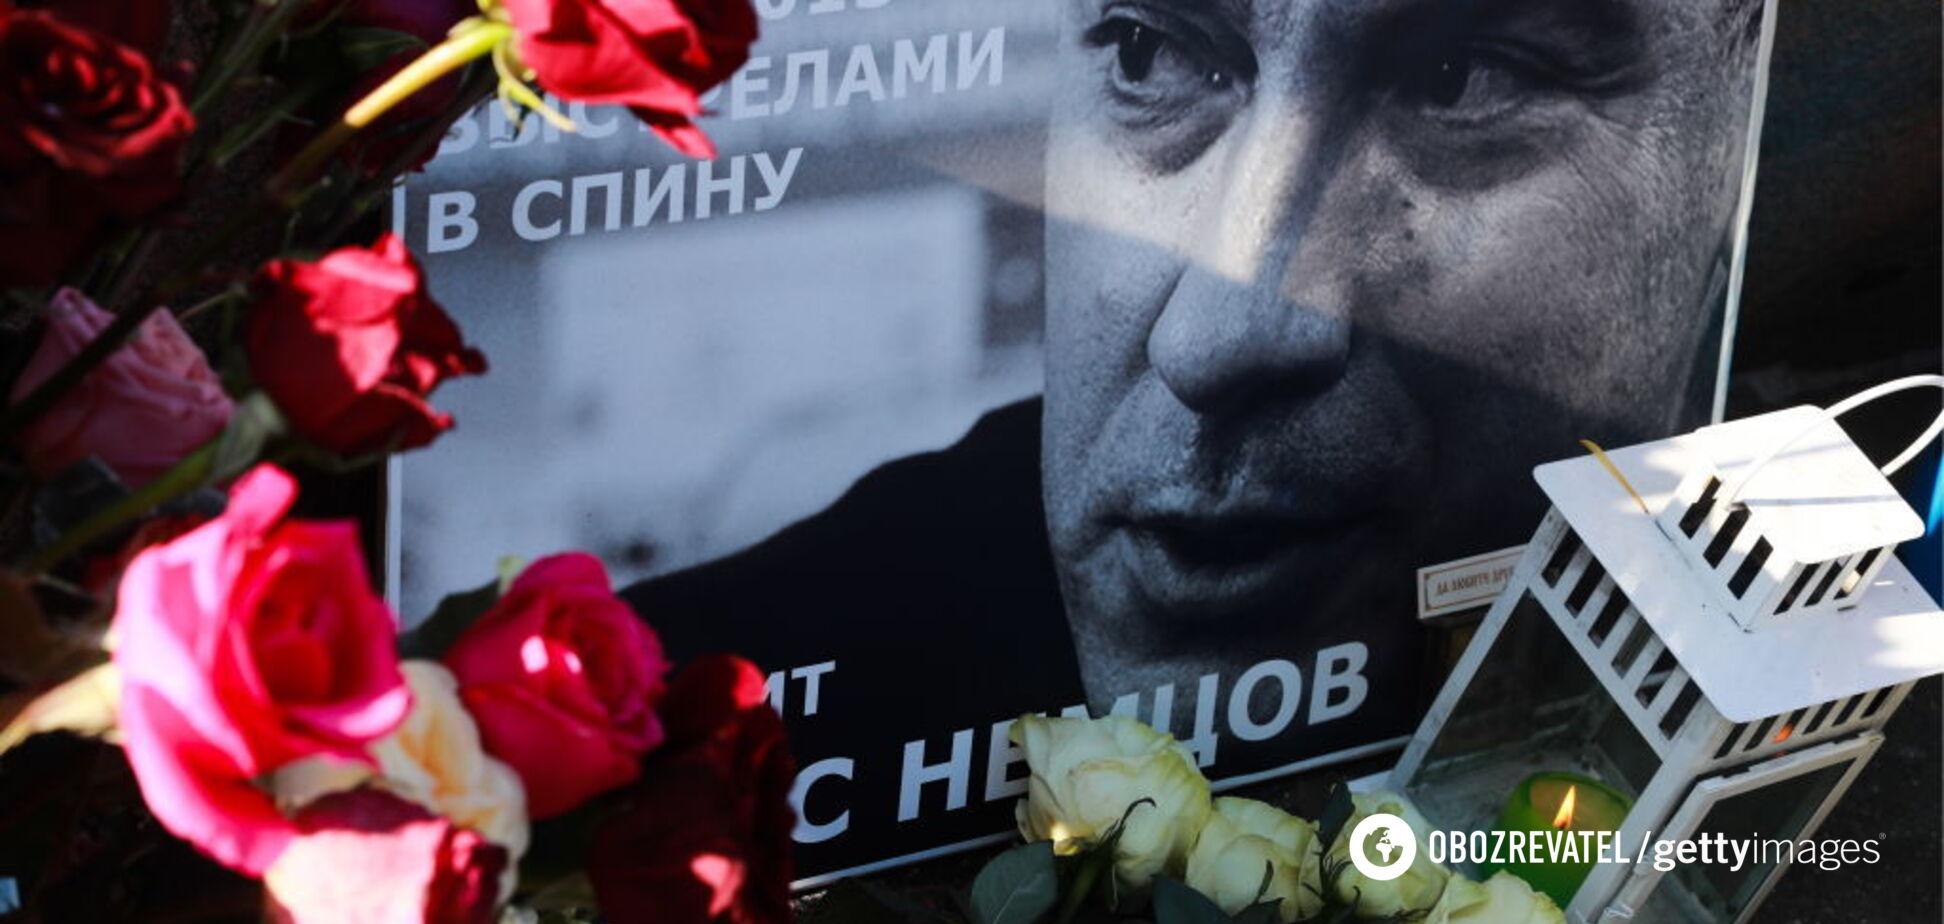 Как российские пропагандисты подставили подругу Немцова